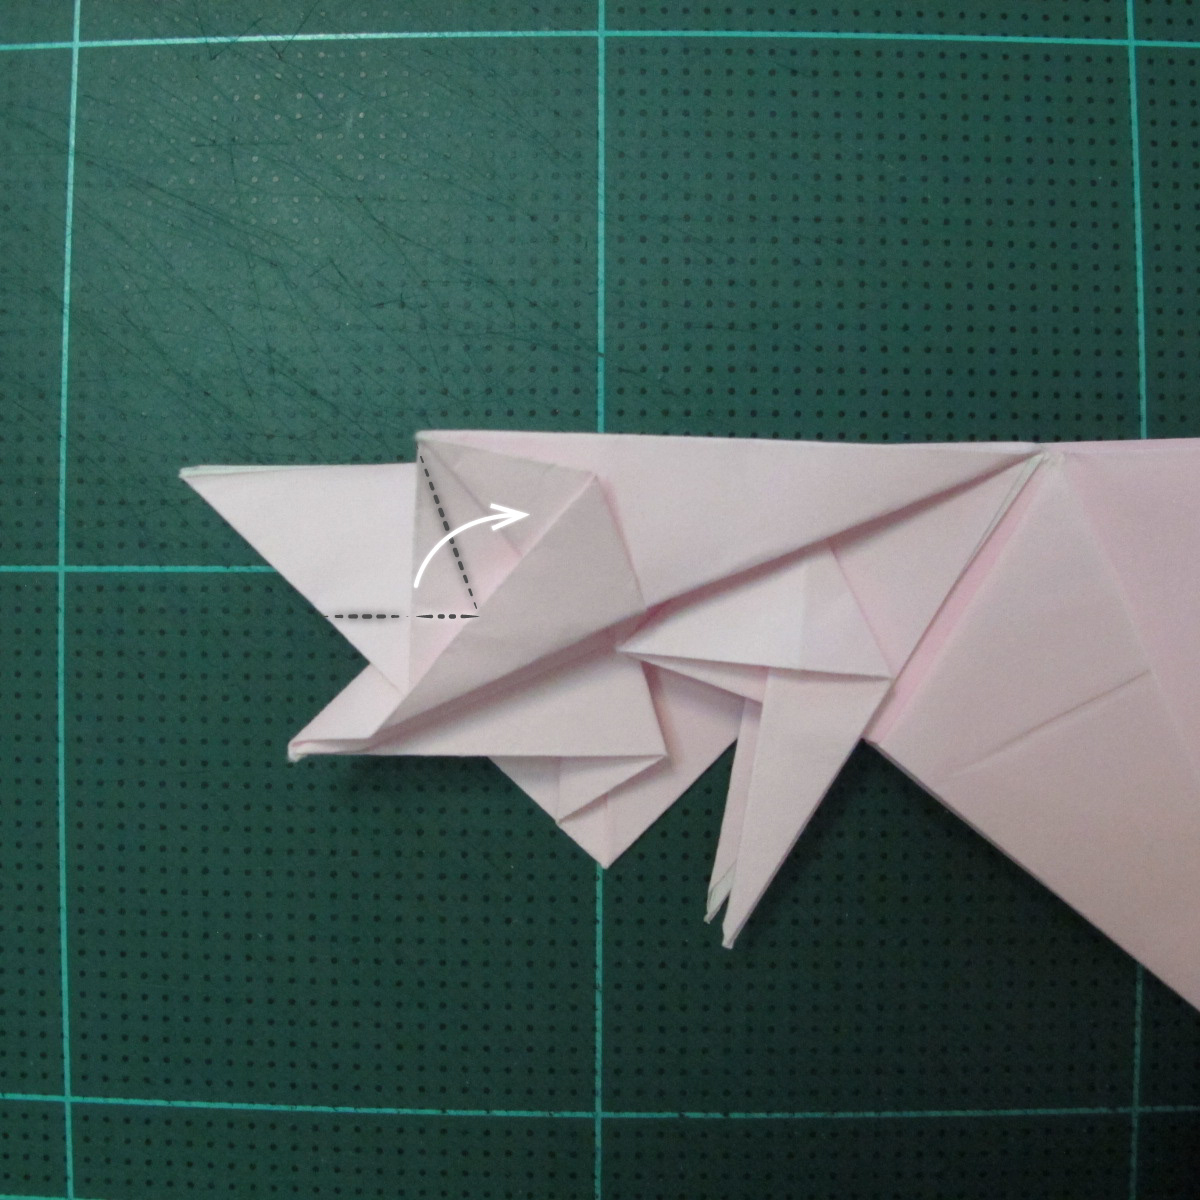 การพับกระดาษเป็นไดโนเสาร์ทีเร็กซ์ (Origami Tyrannosaurus Rex) 030